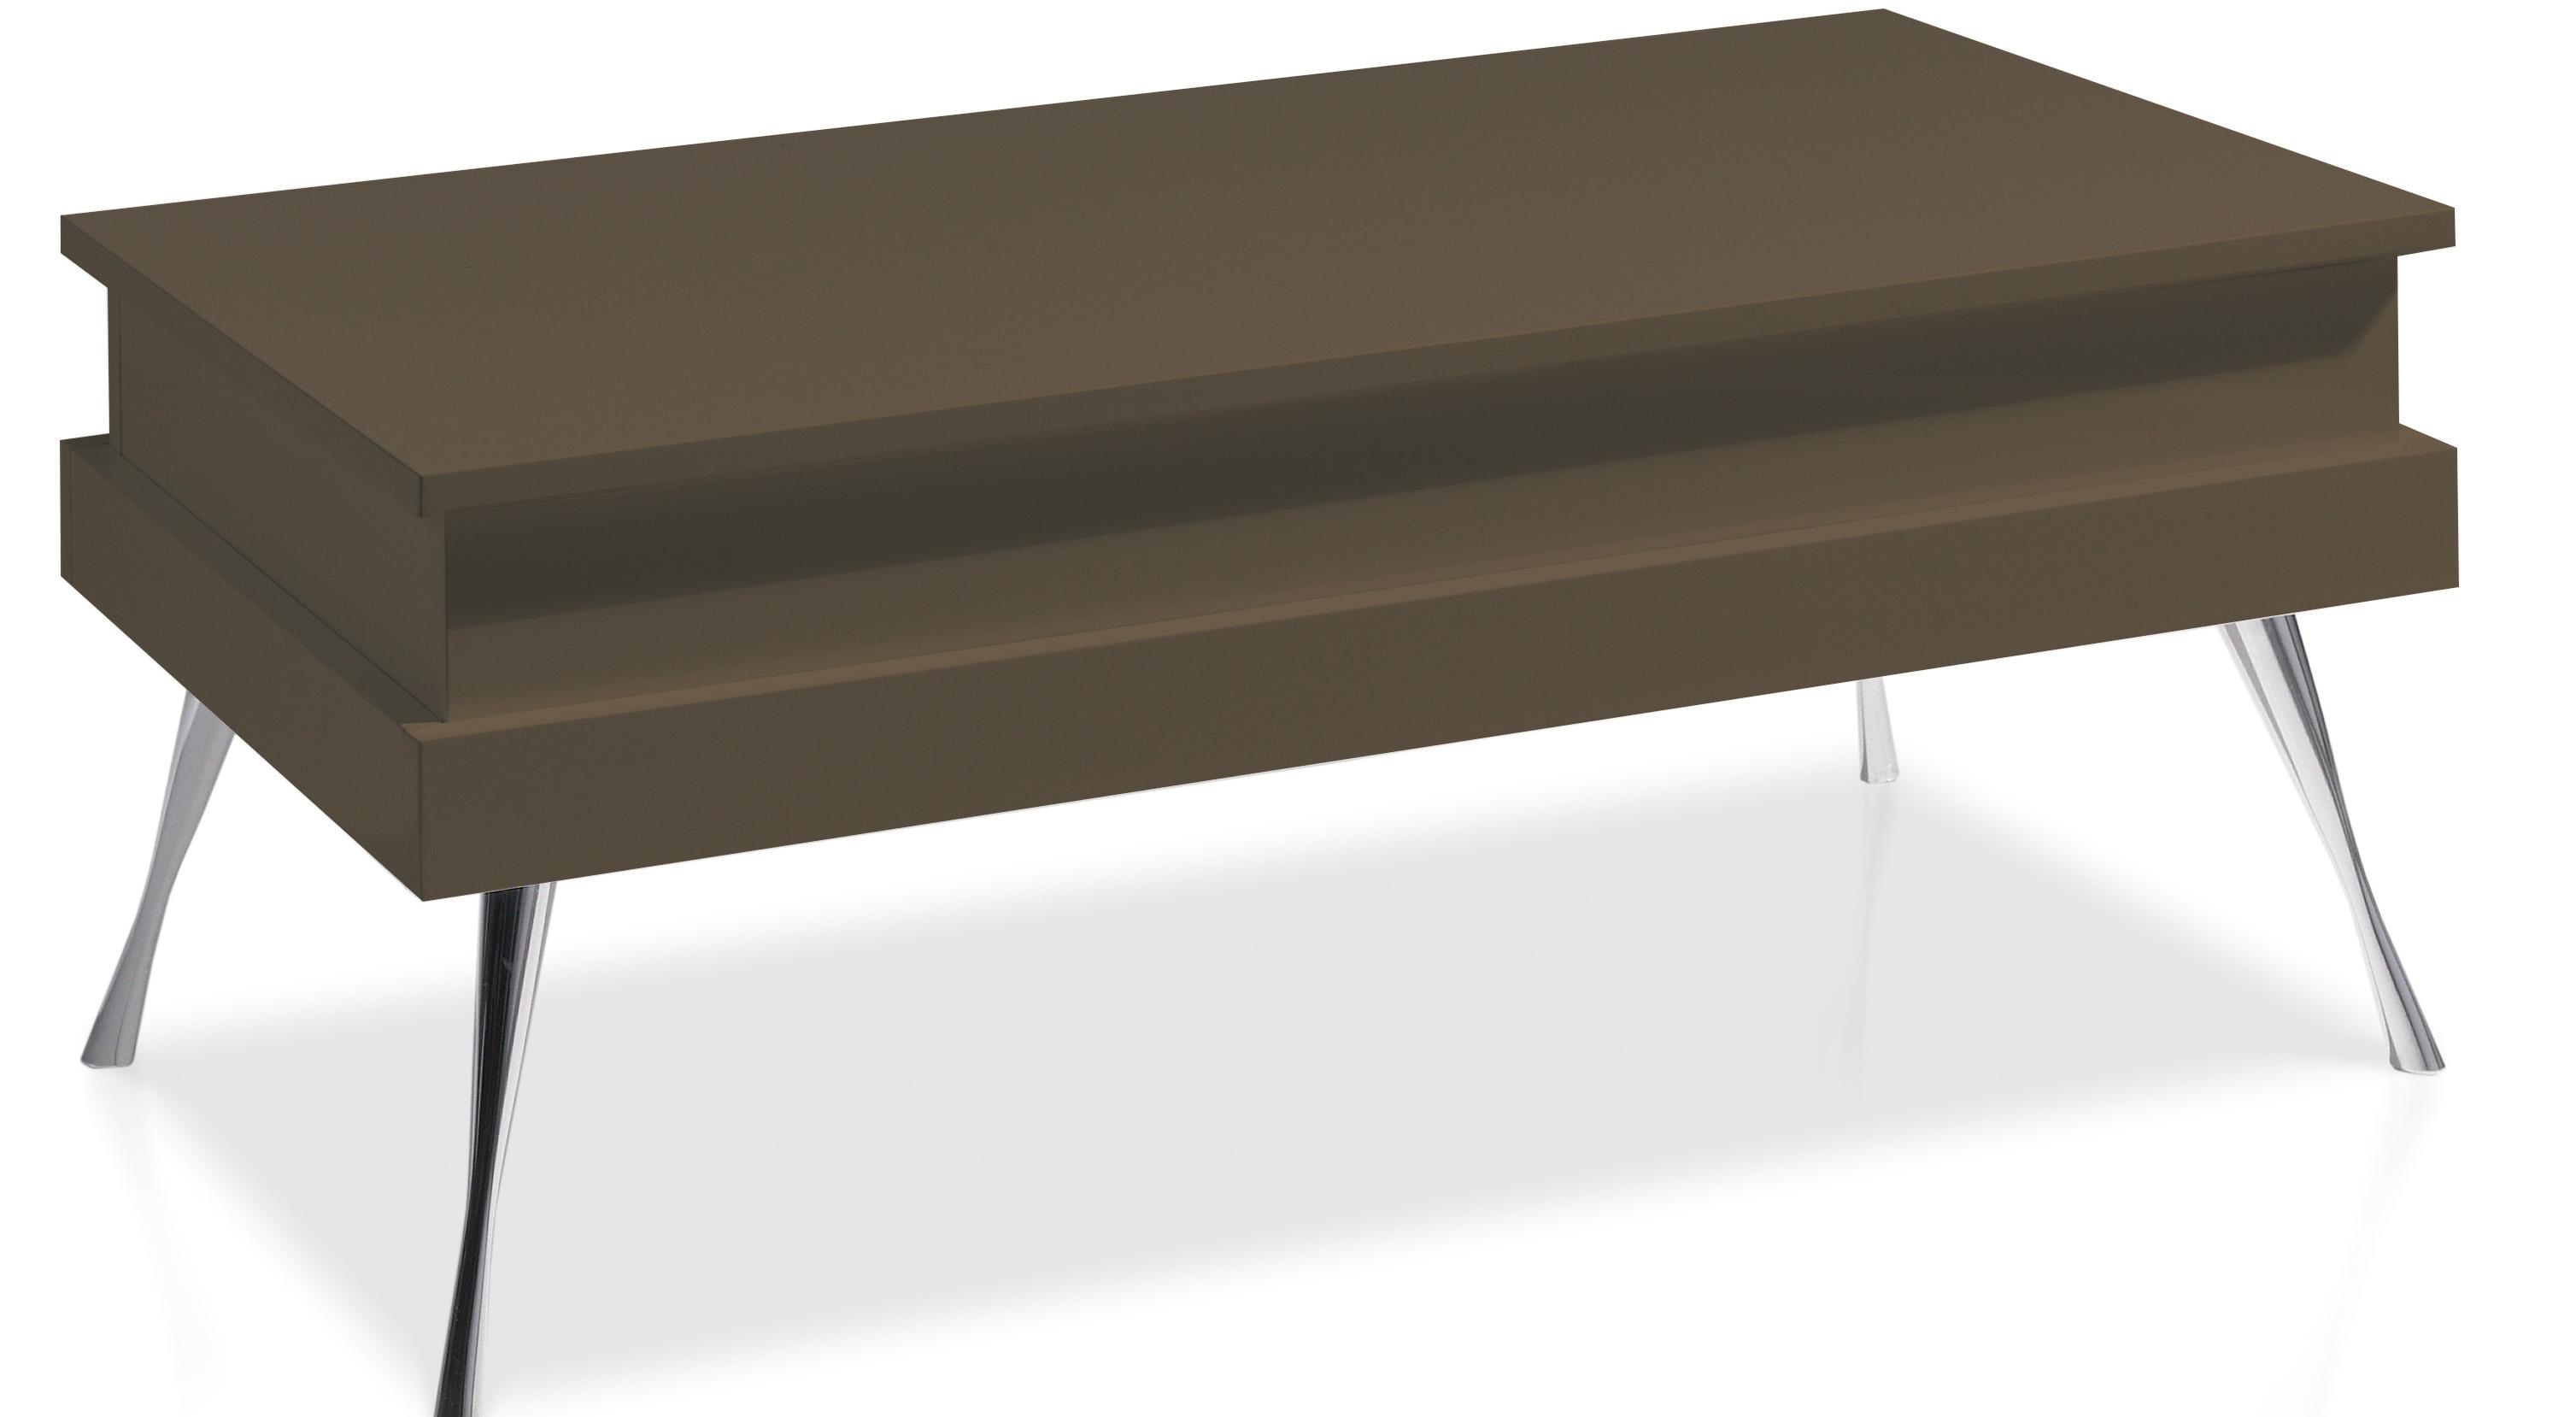 Table basse relevable laqu e marron pied acier chrom - Table basse marron ...